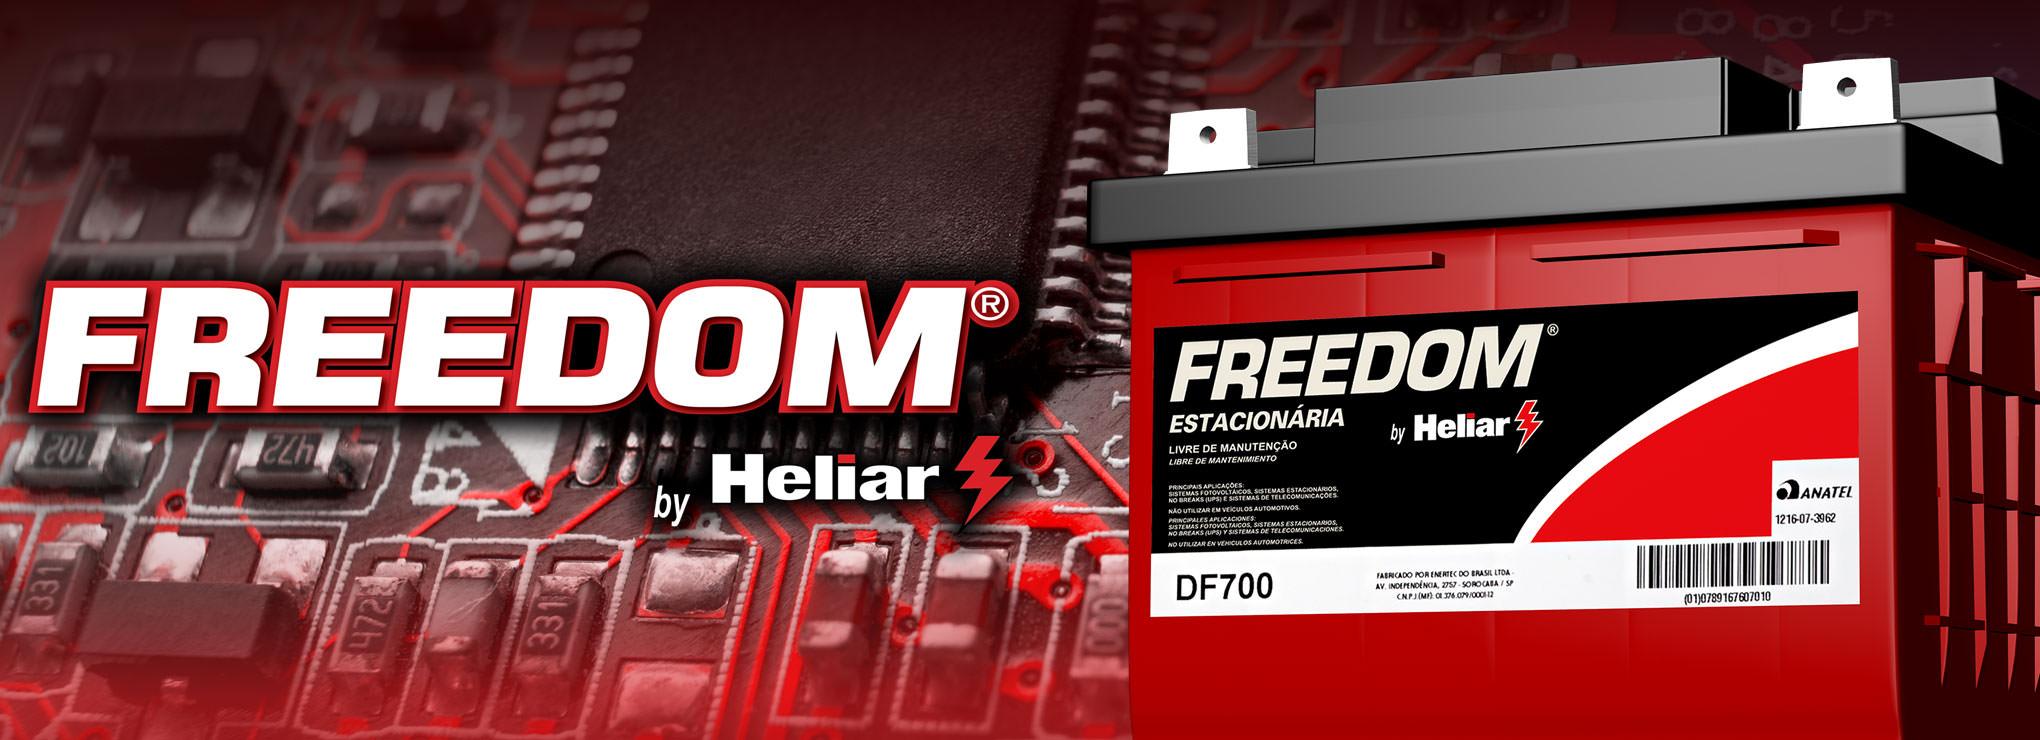 Bateria Estacionária Freedom by Heliar, a melhor do Brasil.